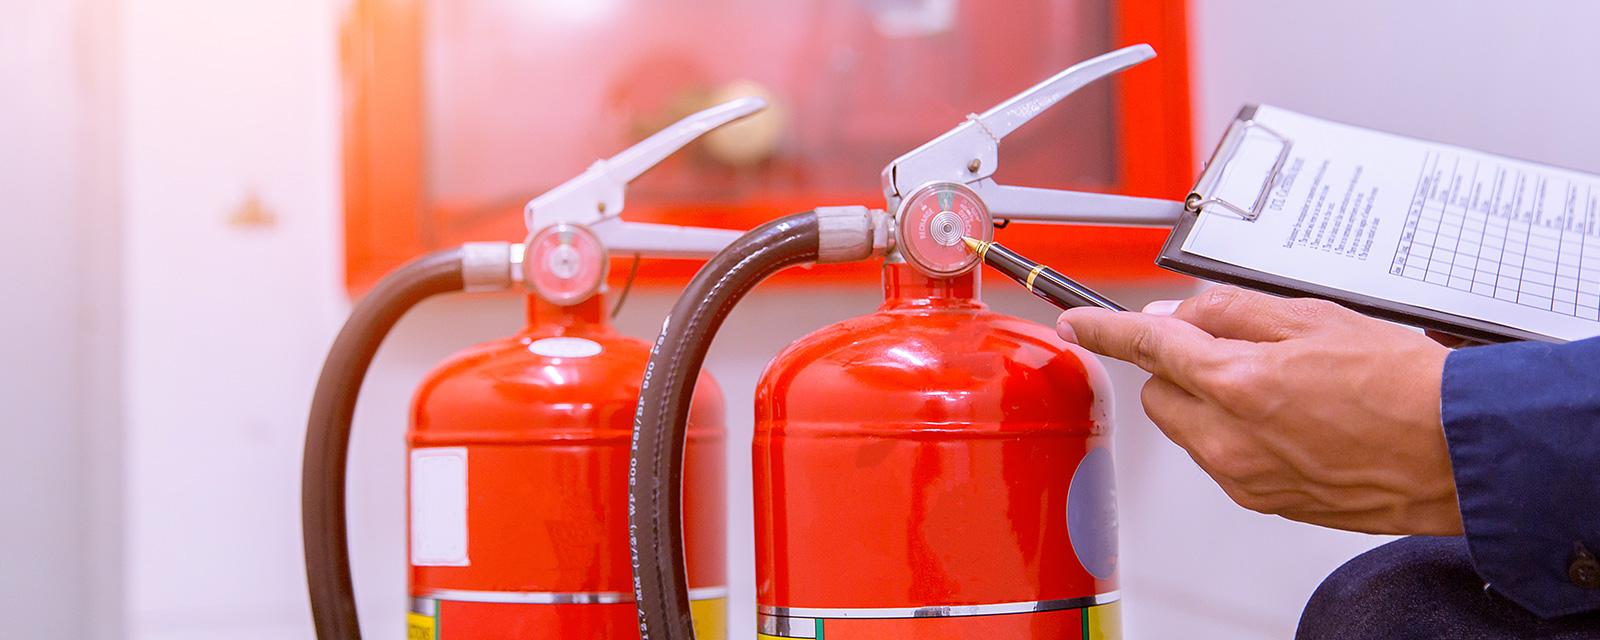 Brandschutzbeauftragter Ausbildung zum Brandschutzbeauftragten nach vfdb-Richtlinie 12-09-01:2014-08(03) Haus der Technik